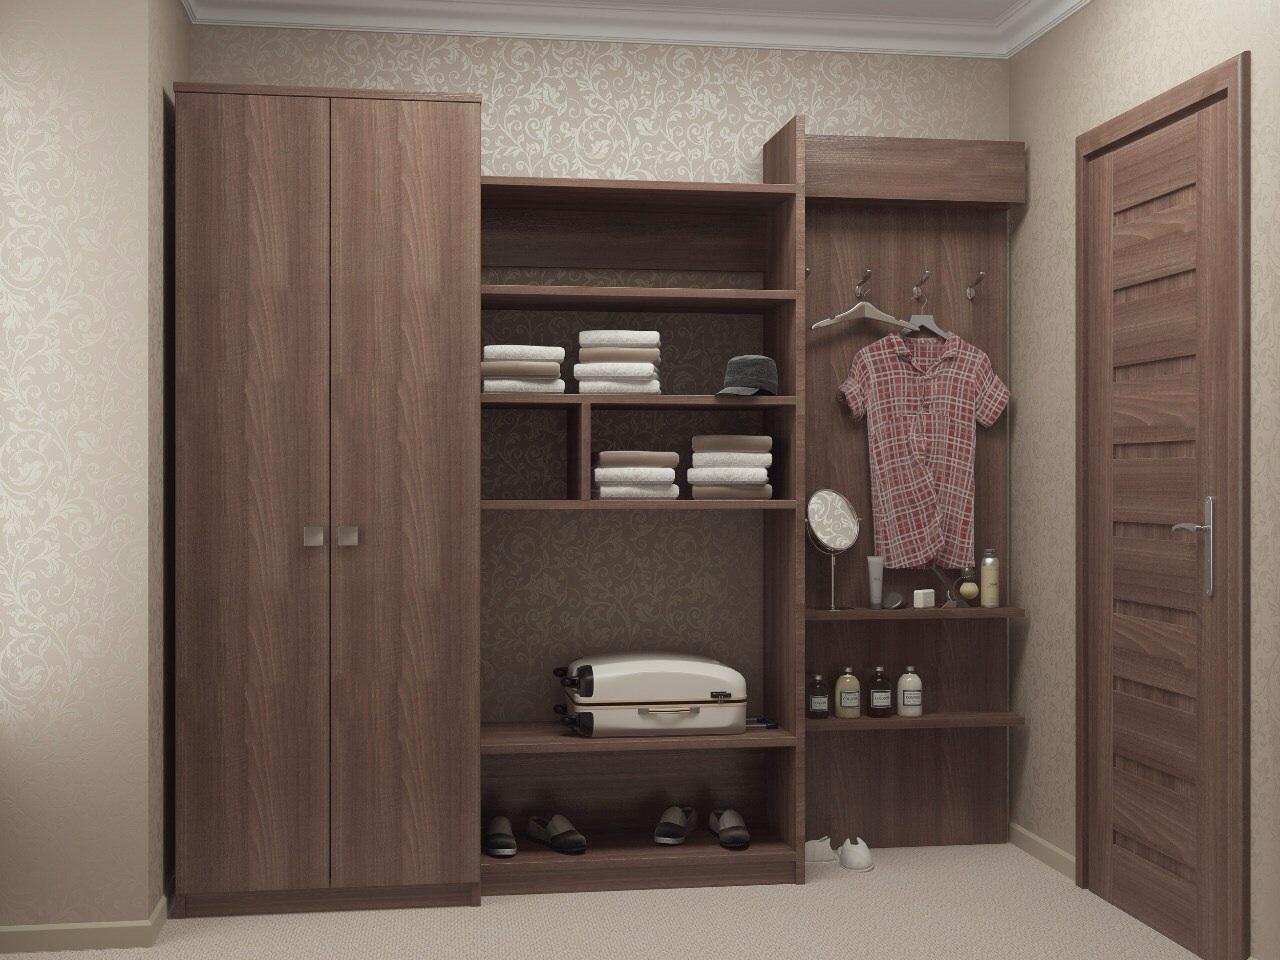 Прихожая 2400-500-2200 купить мебель в коридор на заказ по д.